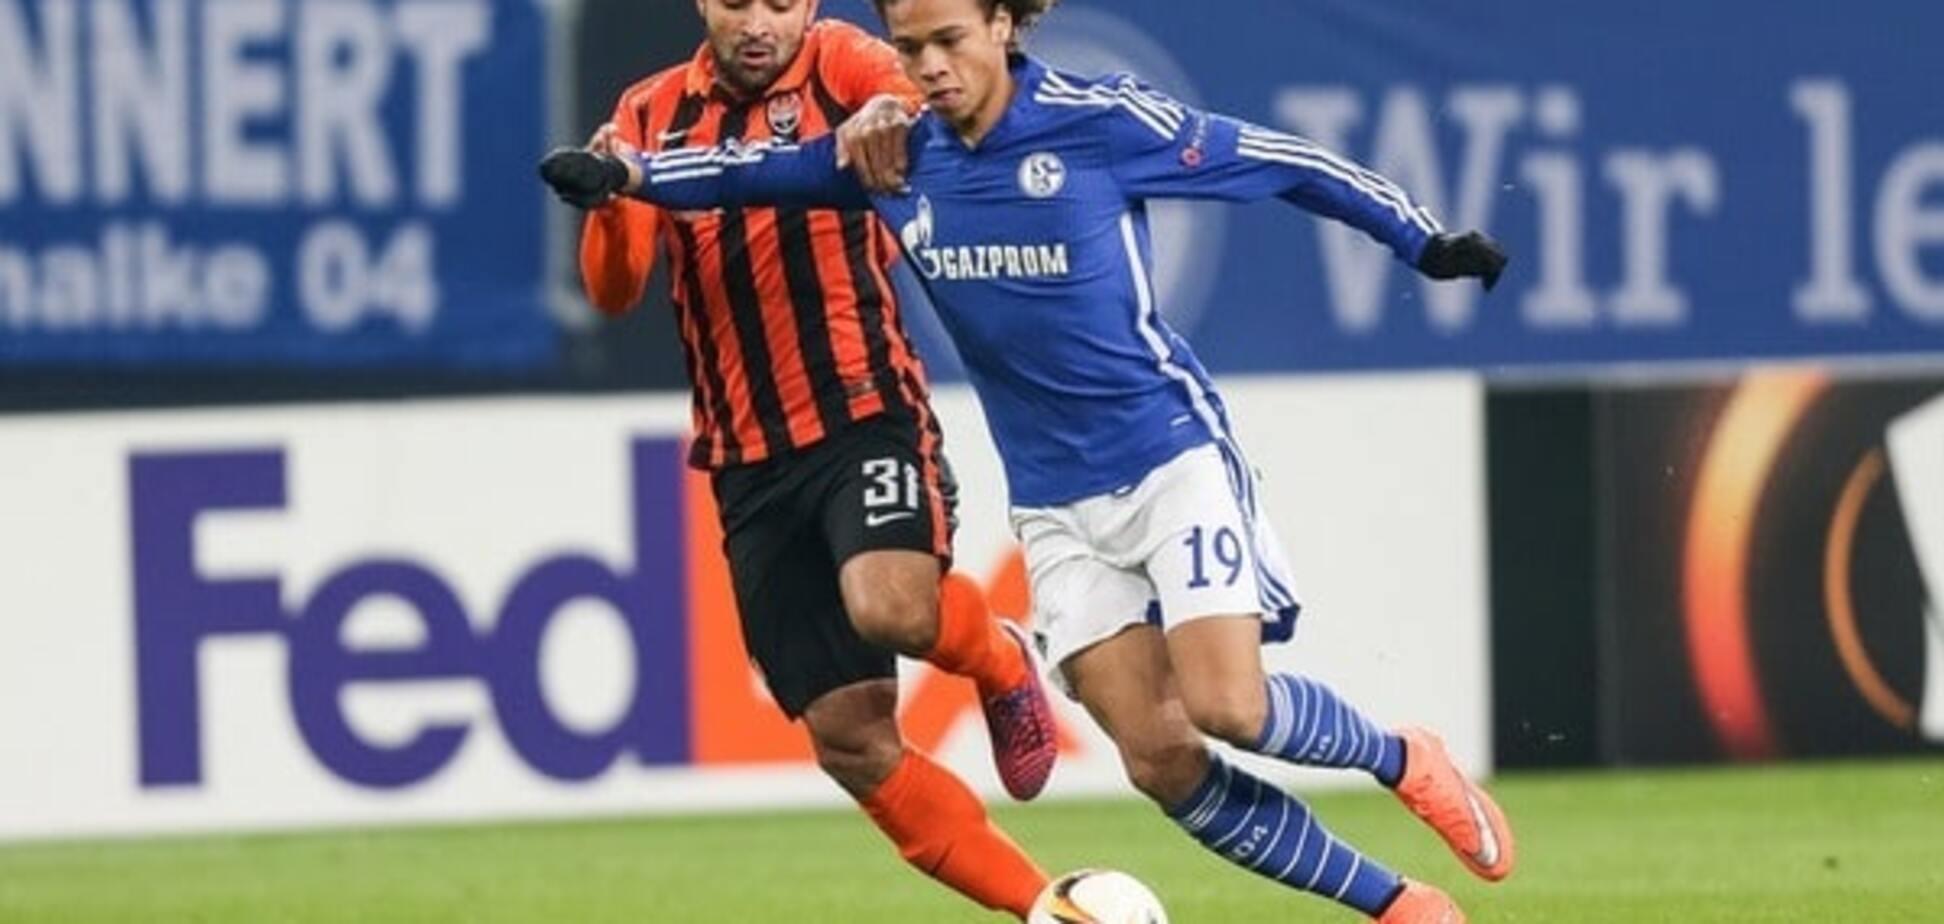 Футболист 'Шахтера' забил 'Шальке' фантастический гол пяткой в матче Лиге Европы: видео шедевра